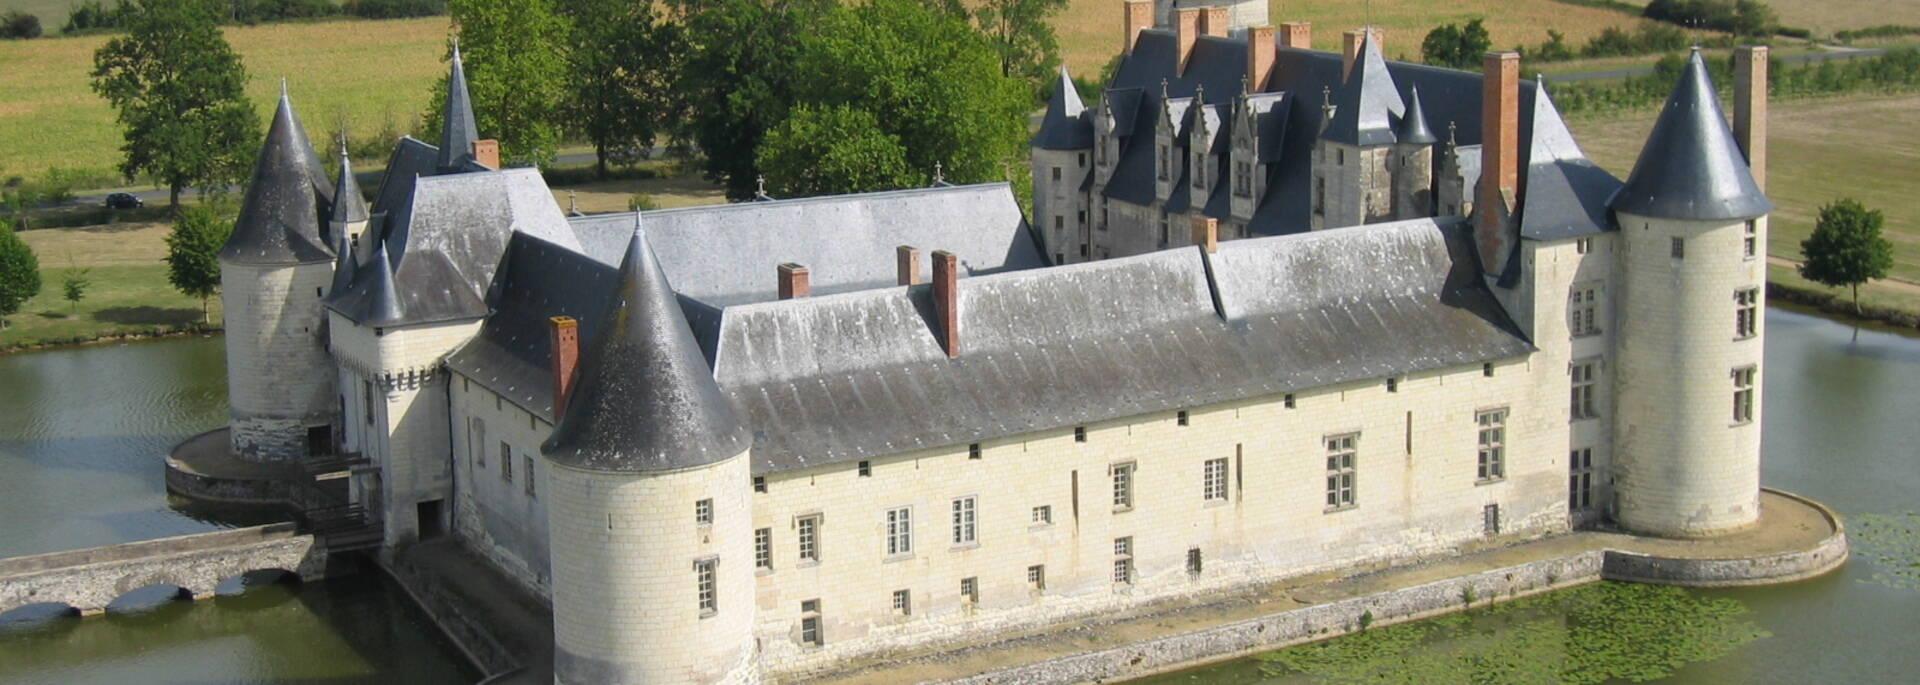 Château du Plessis Bourré © Plessis Bourré